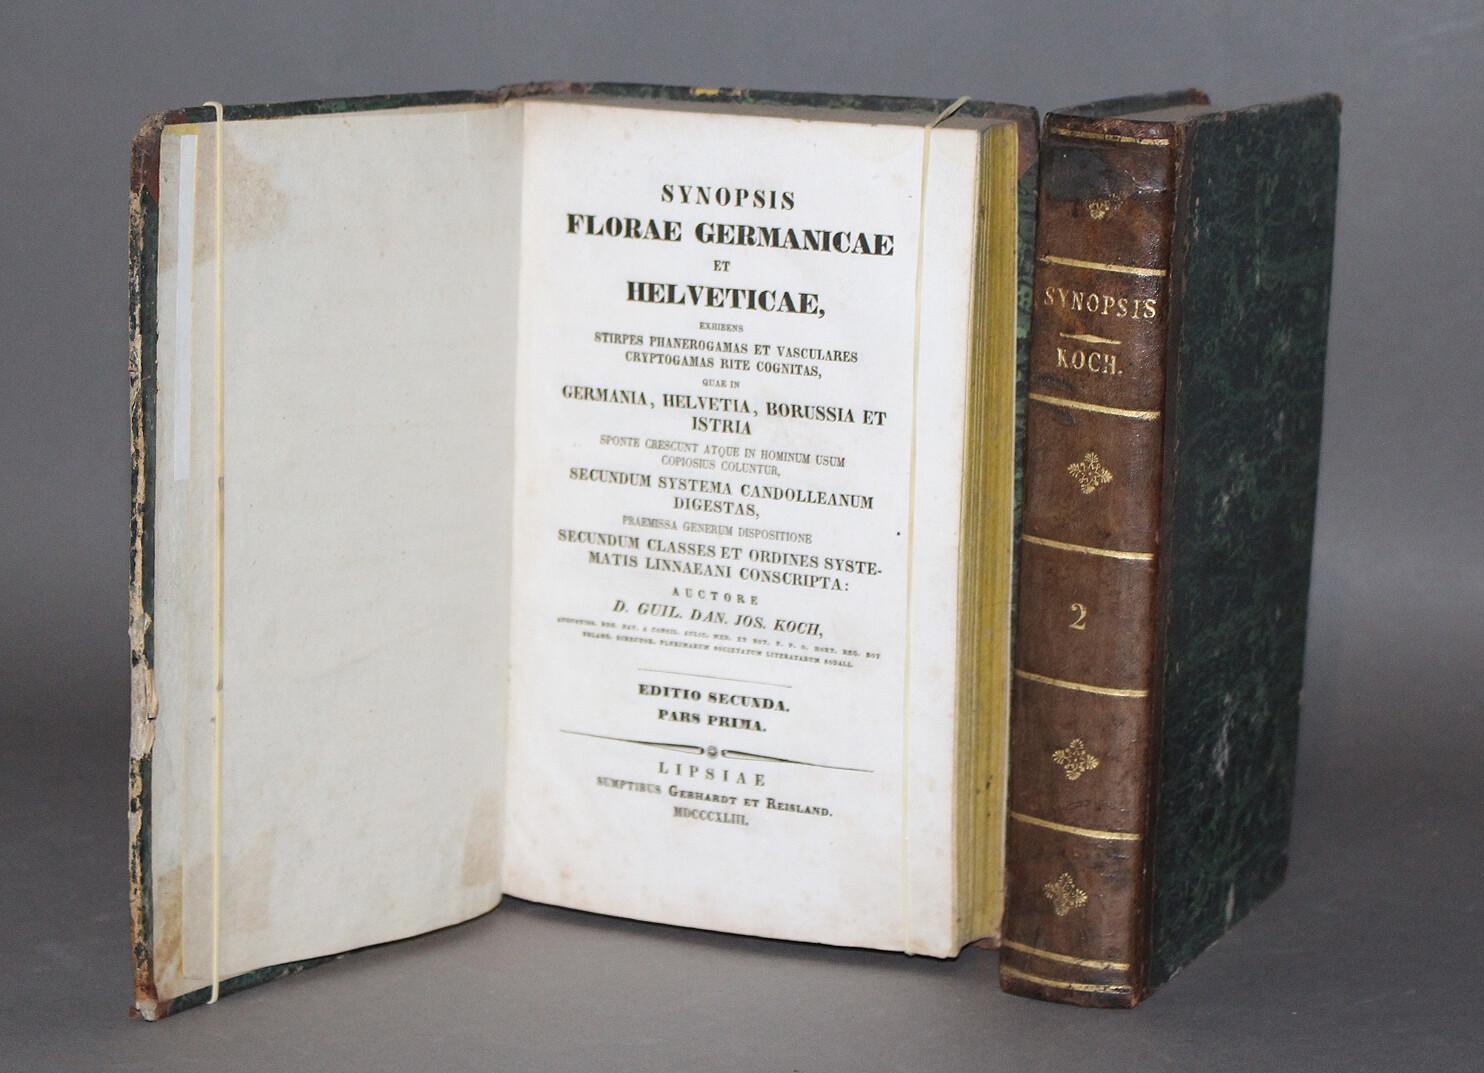 KOCH.- Synopsis Floræ Germanicæ et Helveticæ, 1843-1844. Seconde édition de cette célèbre flore d'Allemagne, de Suisse et d'Autriche.